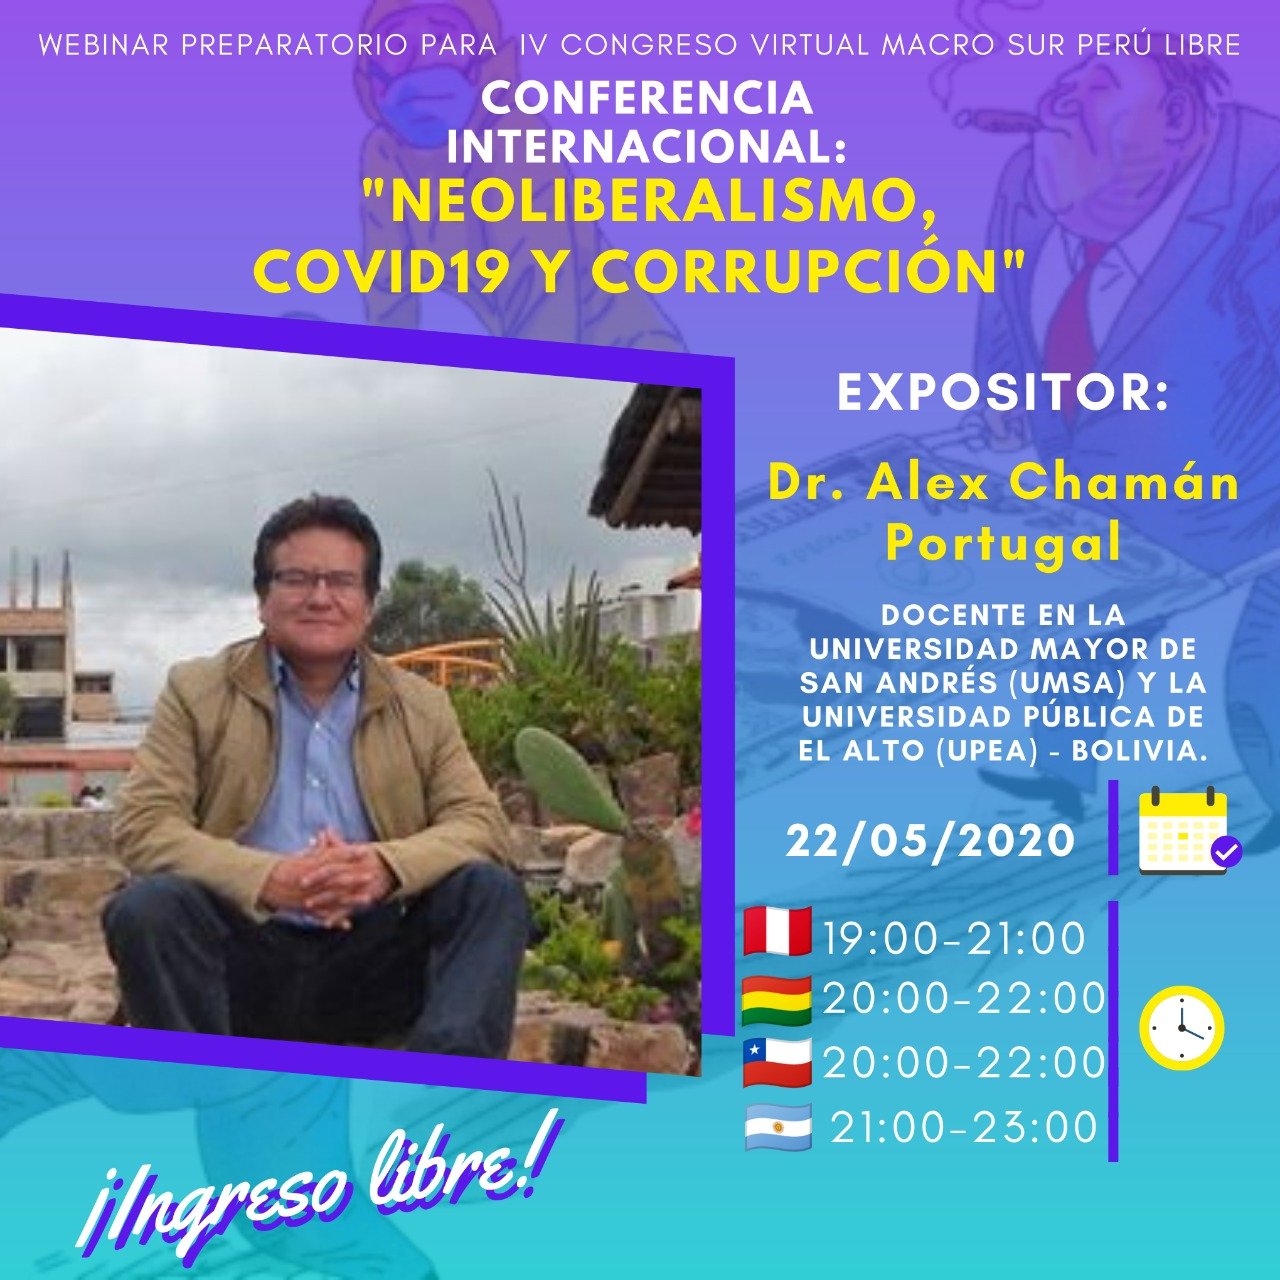 NEOLIBERALISMO COVID19 Y CORRUPCIÓN